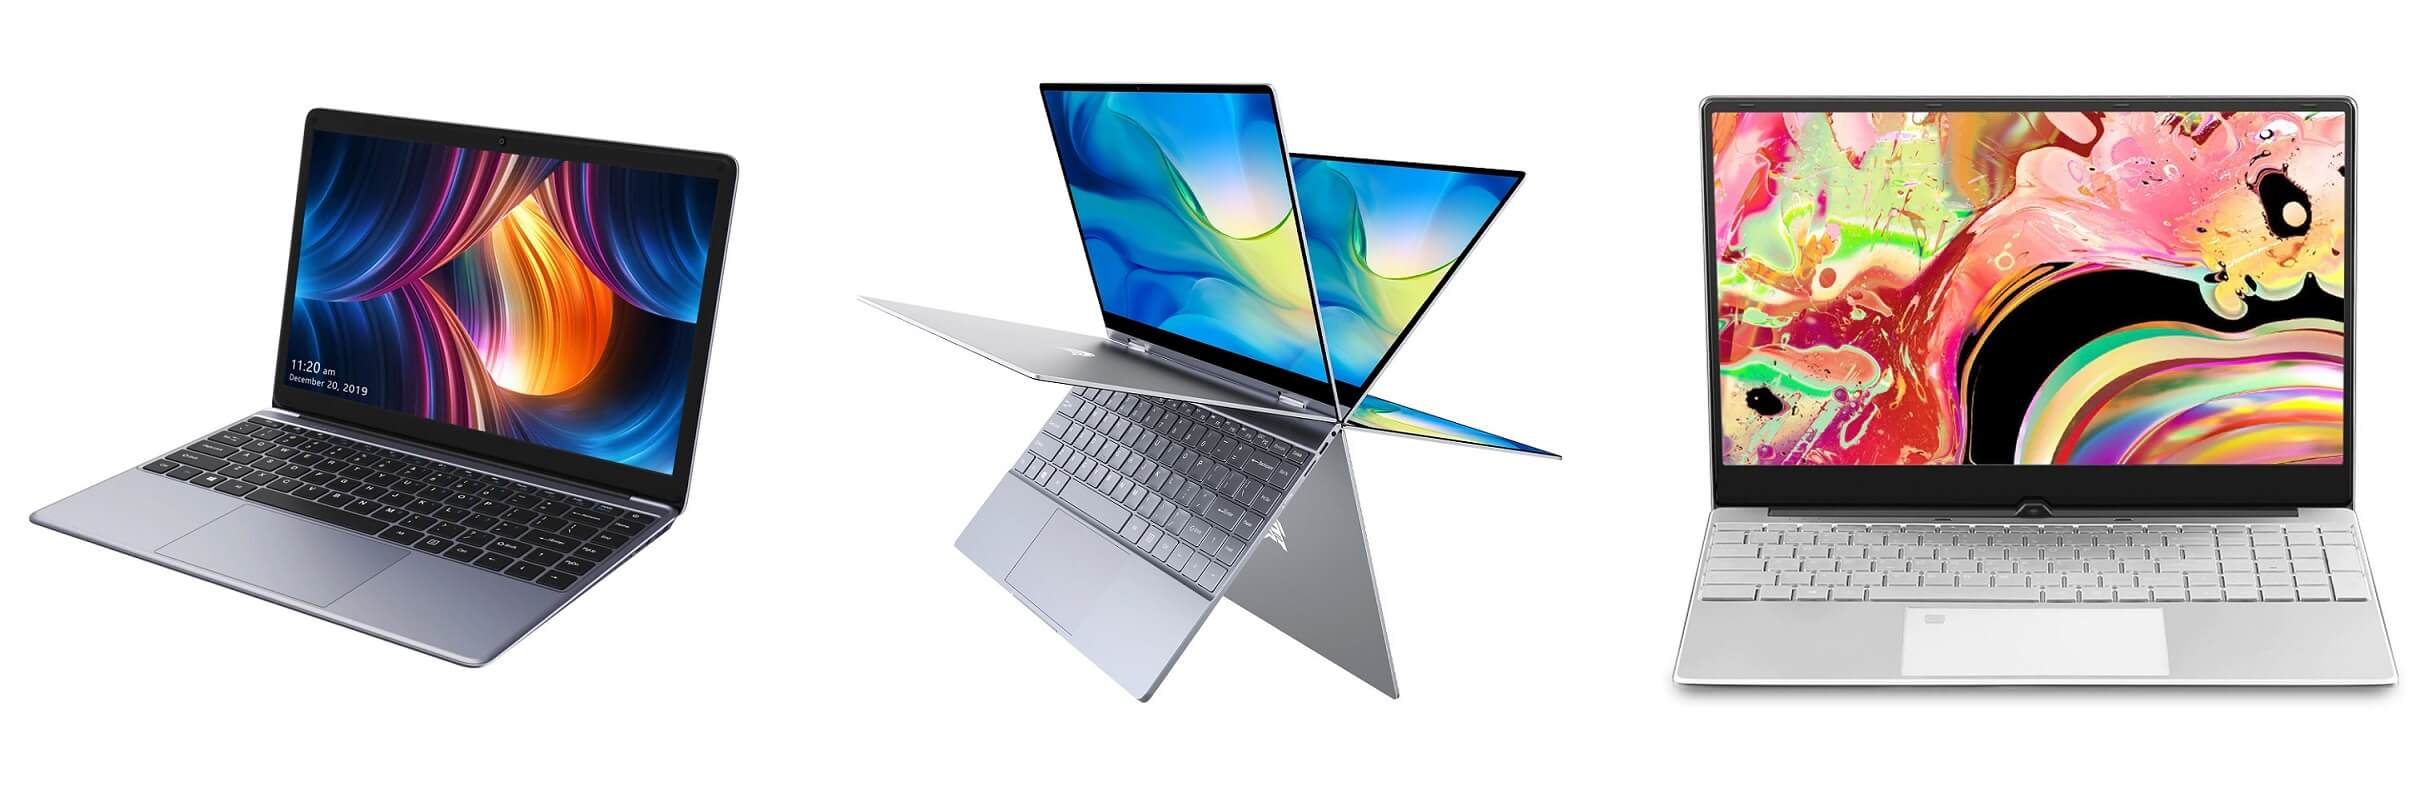 ТОП-10 ноутбуков с Алиэкспресс